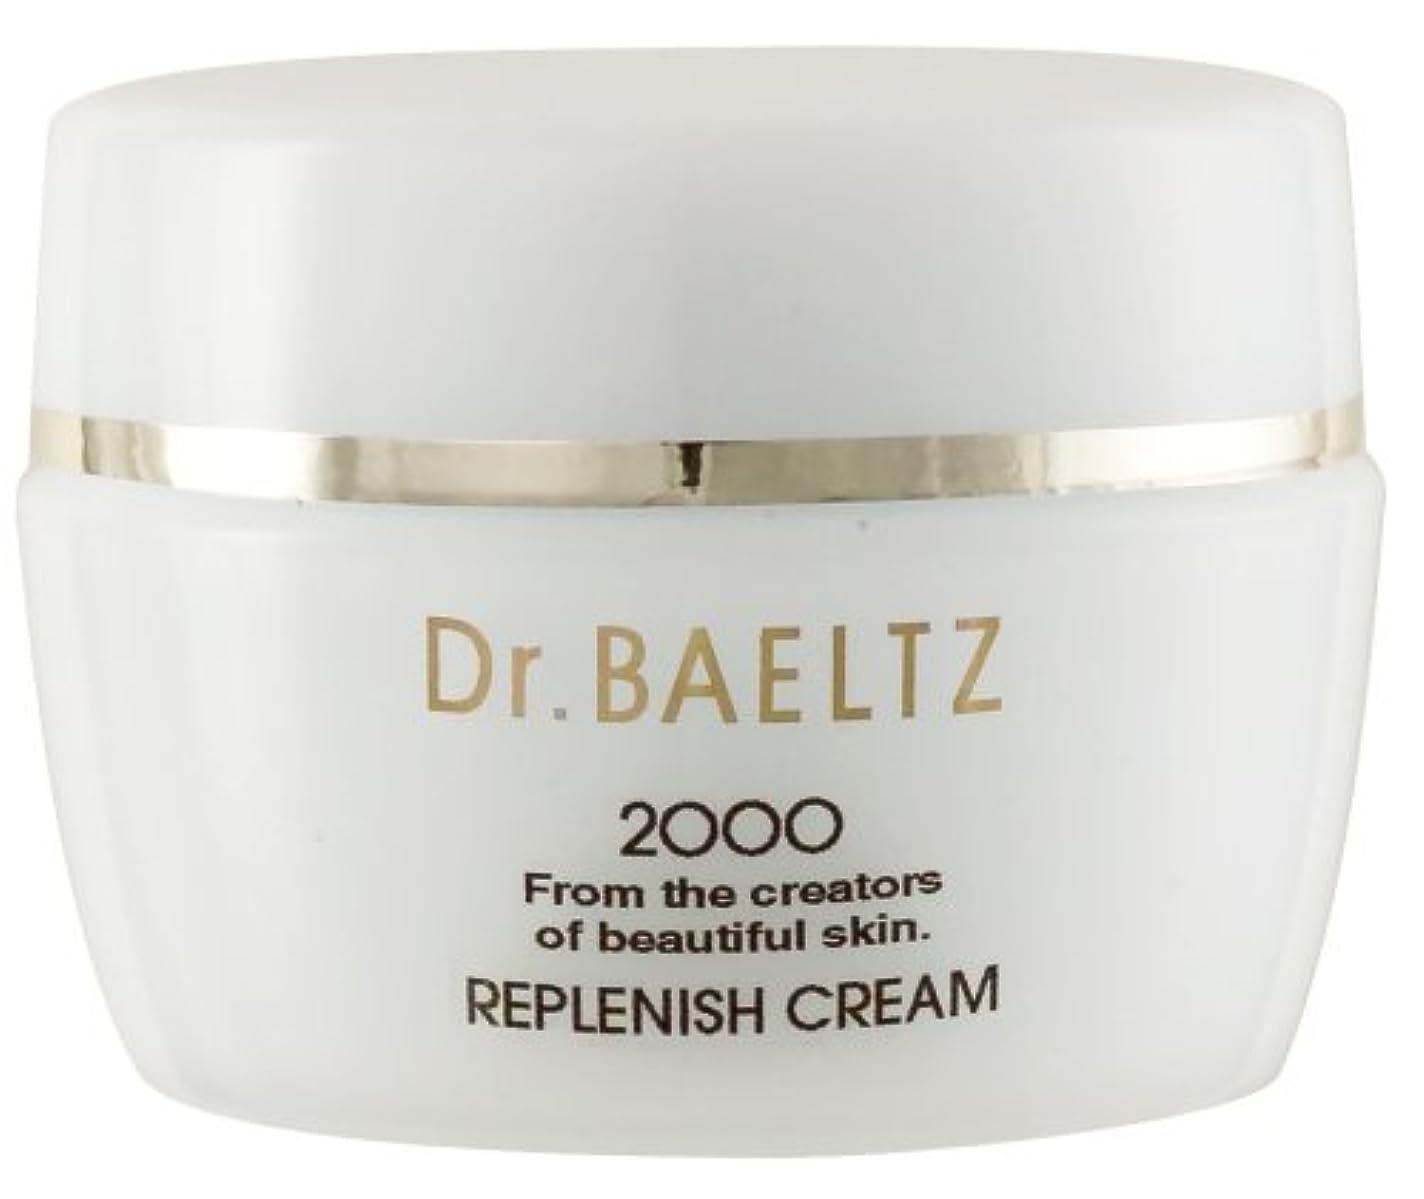 体操遺産ドラフトドクターベルツ(Dr.BAELTZ) リプレニッシュクリーム 40g(保湿クリーム)